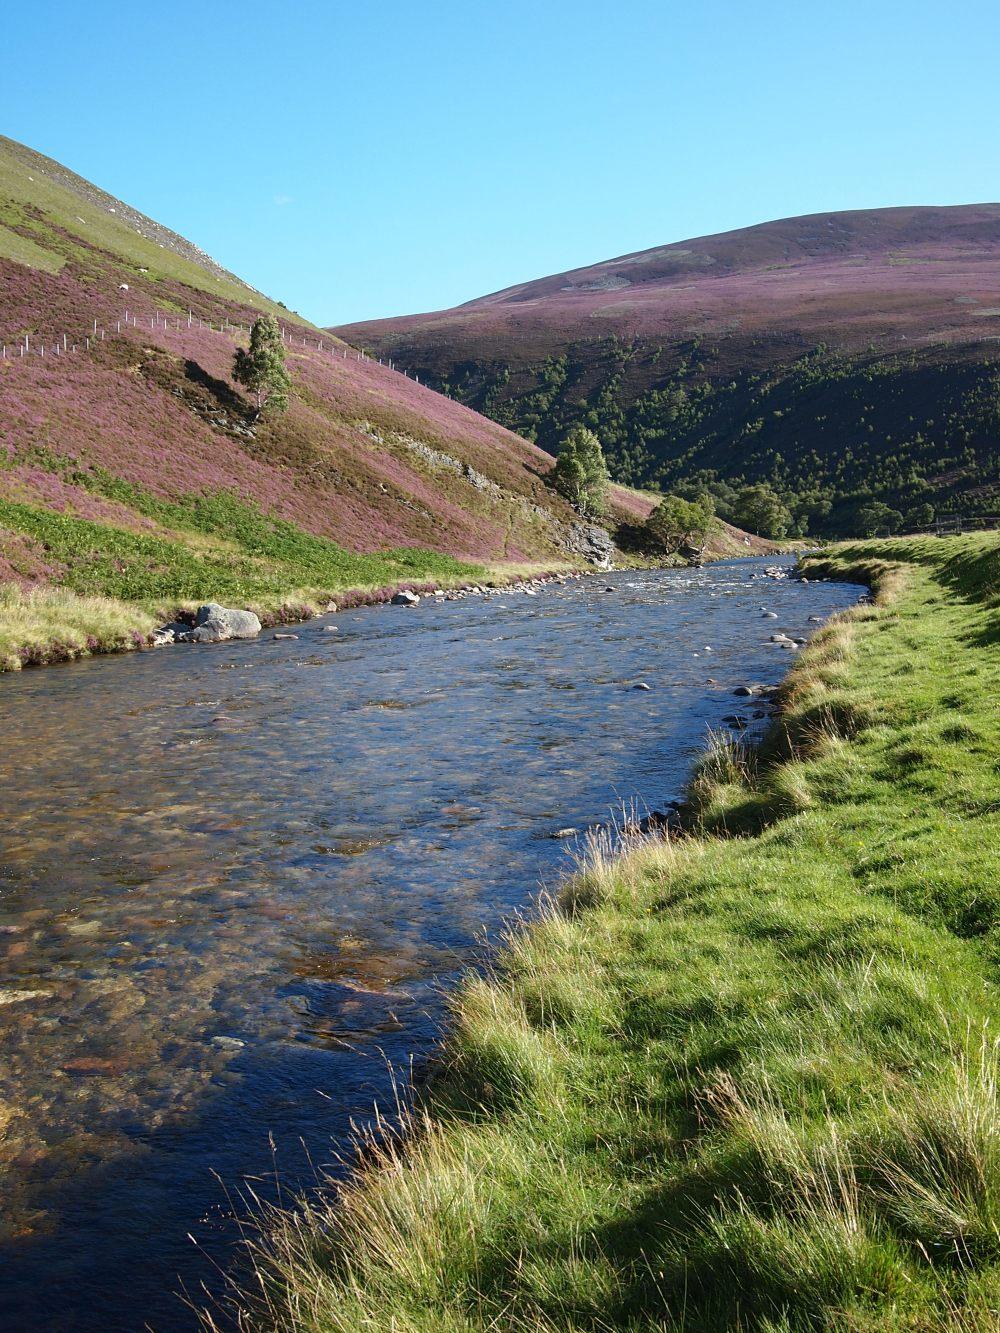 Typisch Cairngorms: Heidekraut am Hang, klarer Fluss, ein paar Bäume.